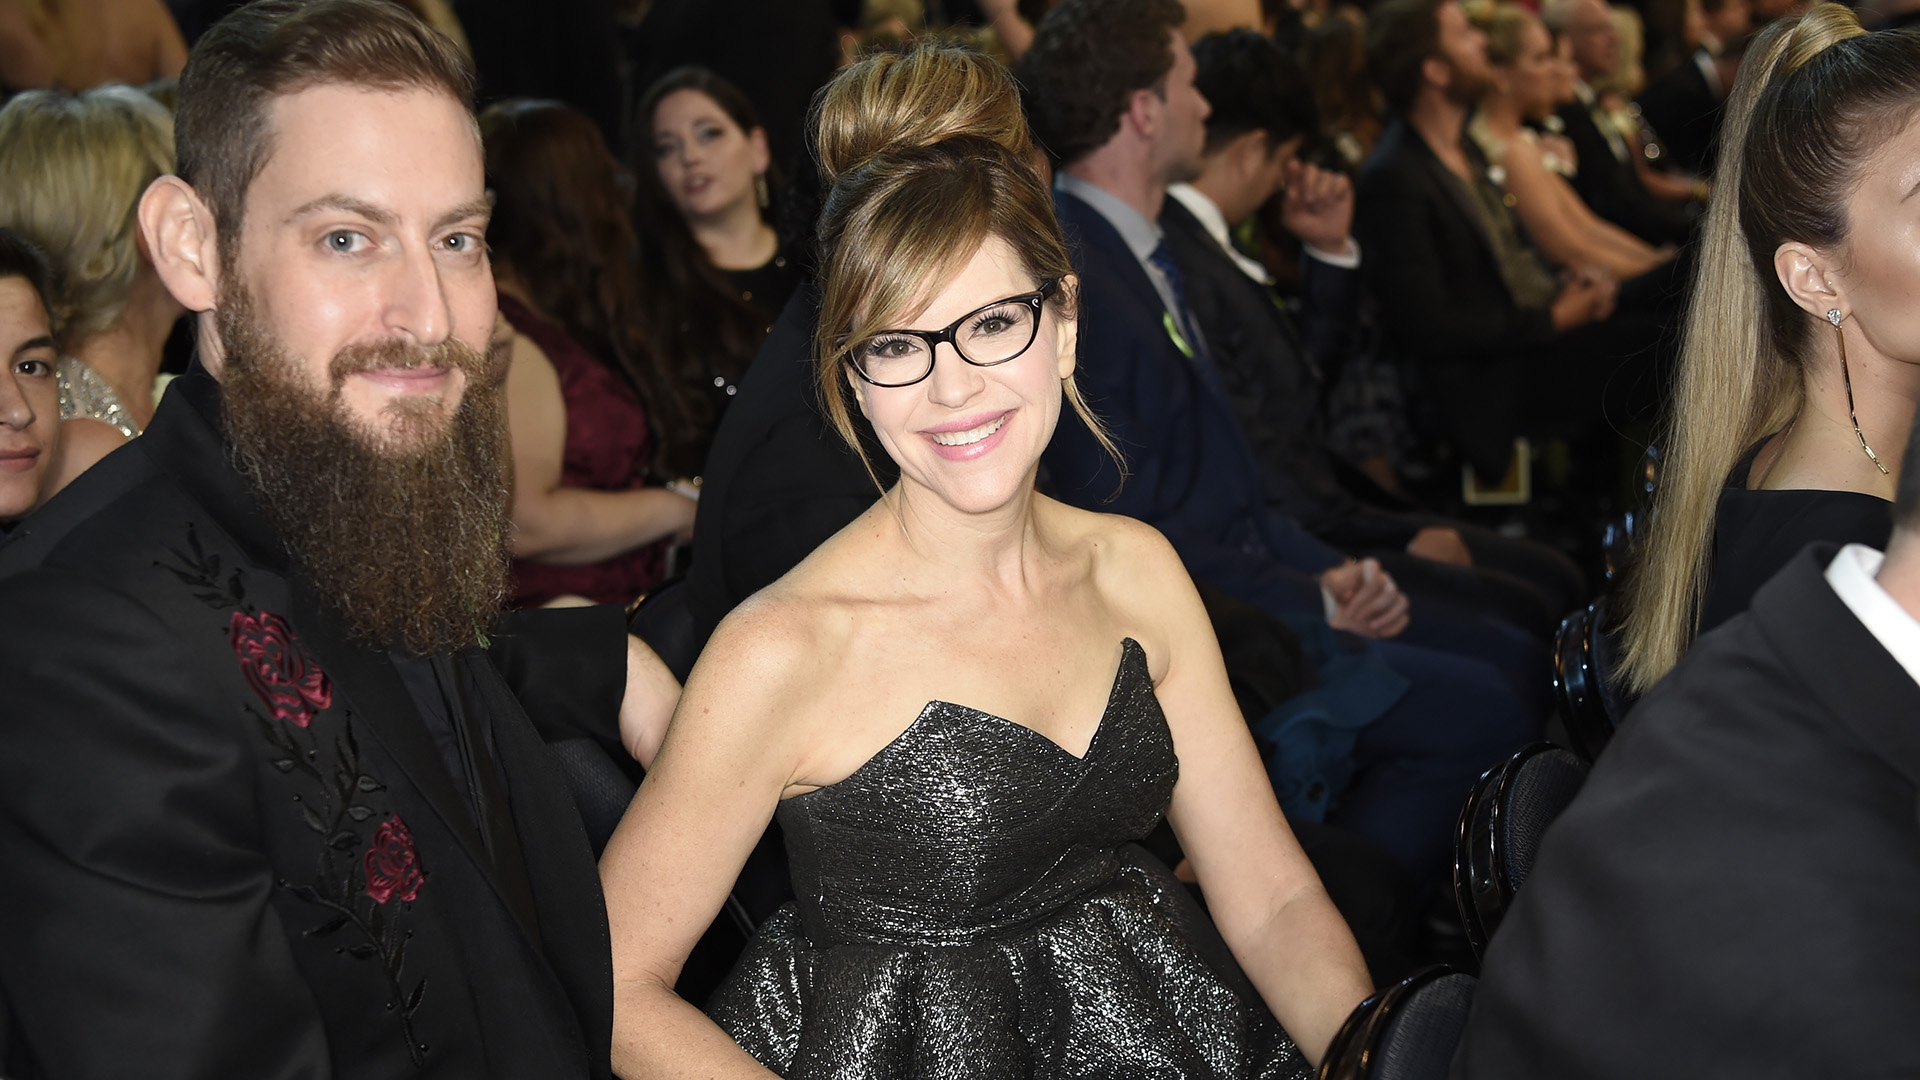 Lisa Loeb, who took home a 2018 GRAMMY for Best Children's Album, smiles alongside her husband, Roey Hershkovitz.